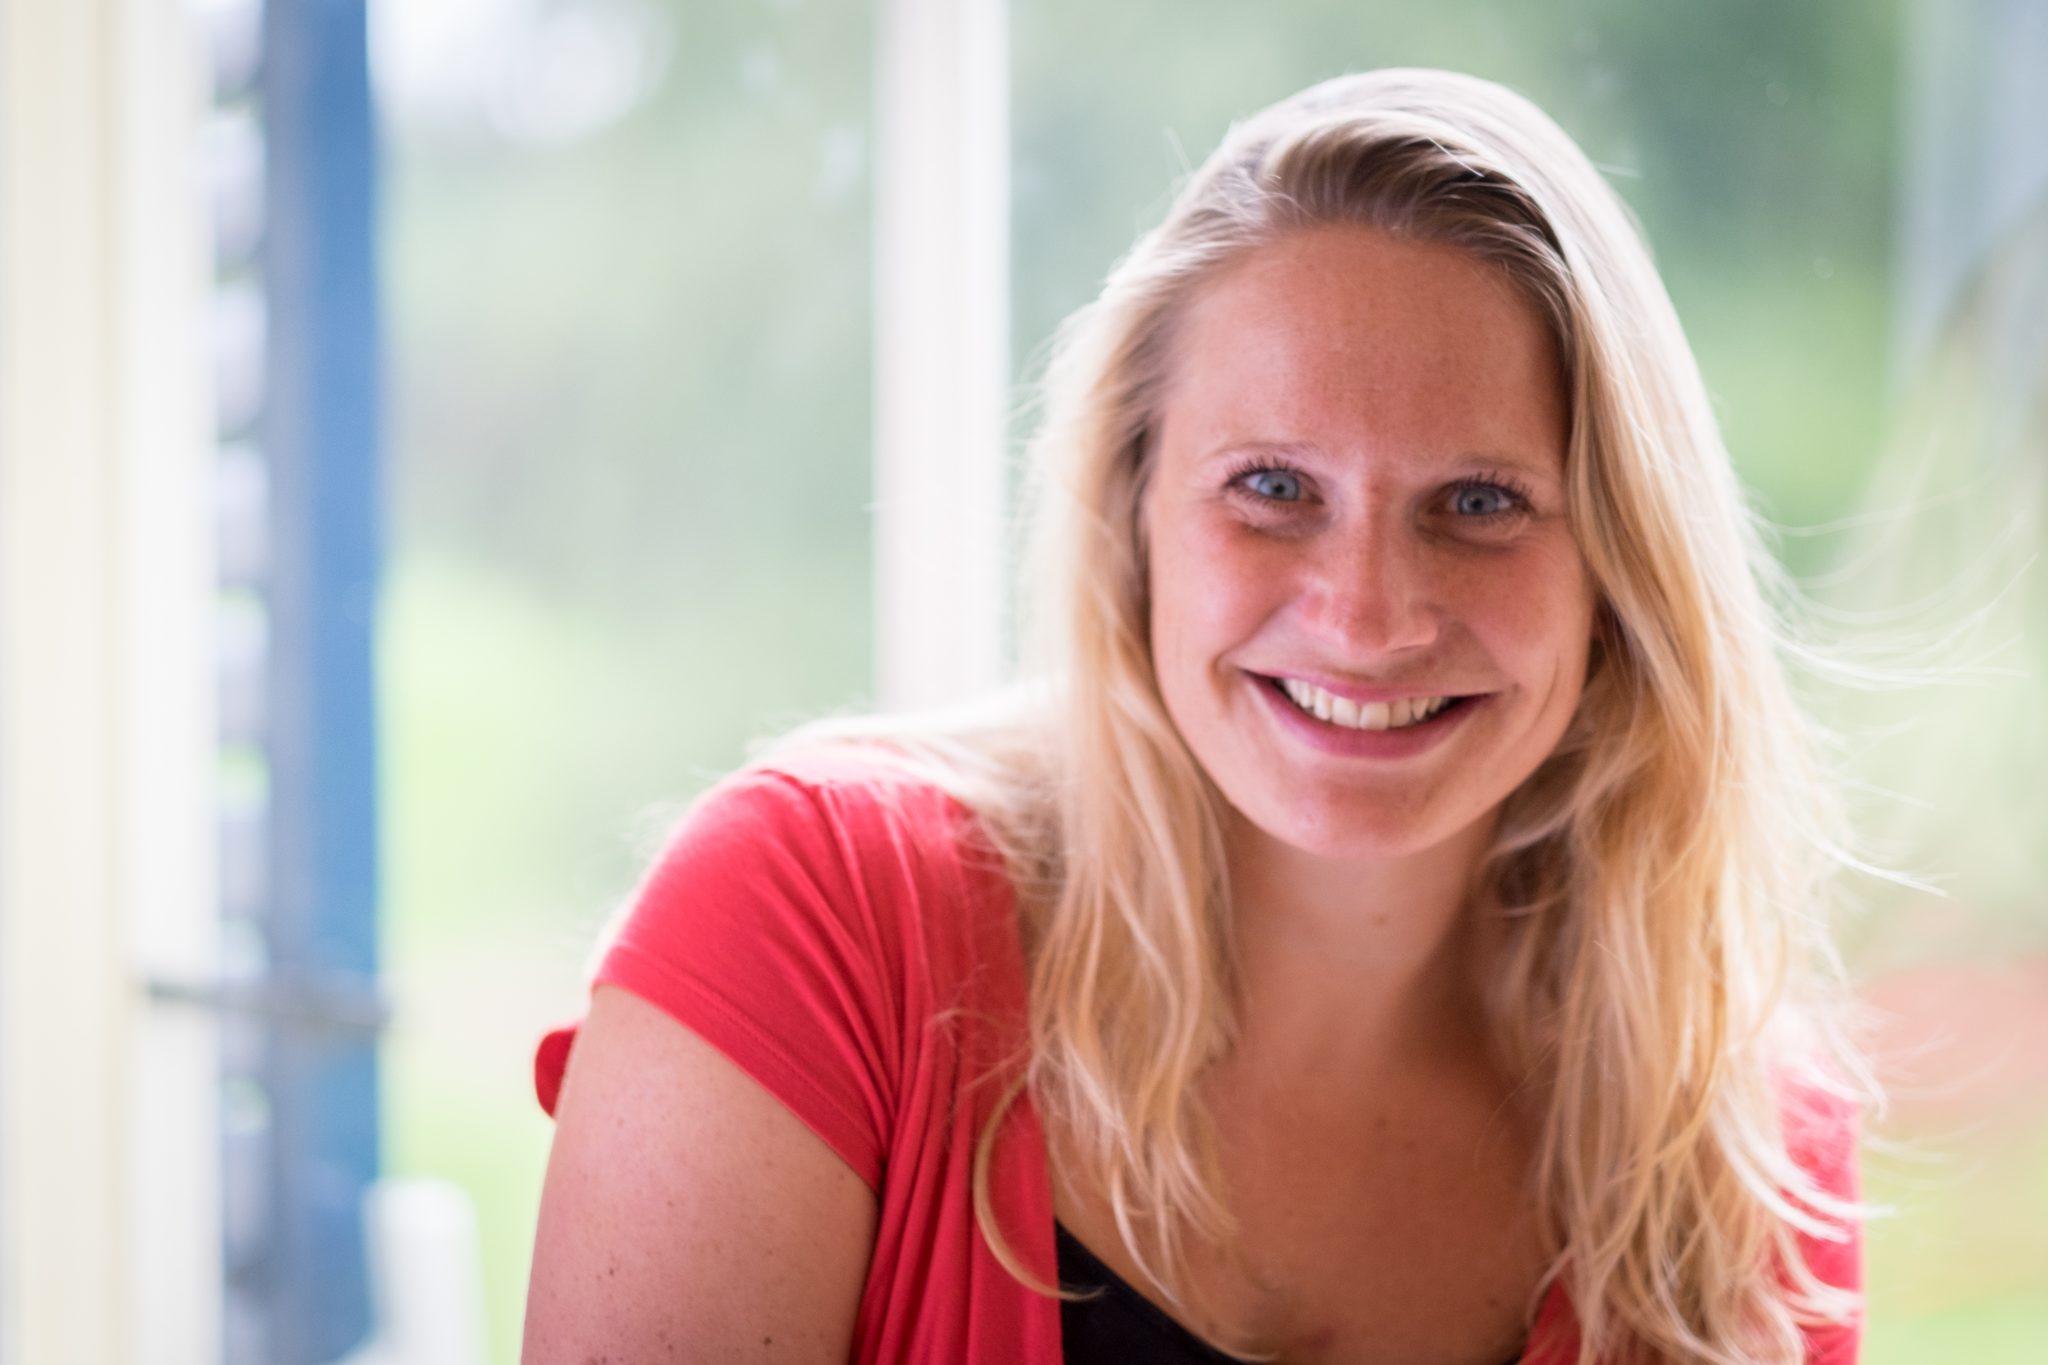 Annelieke van Schie